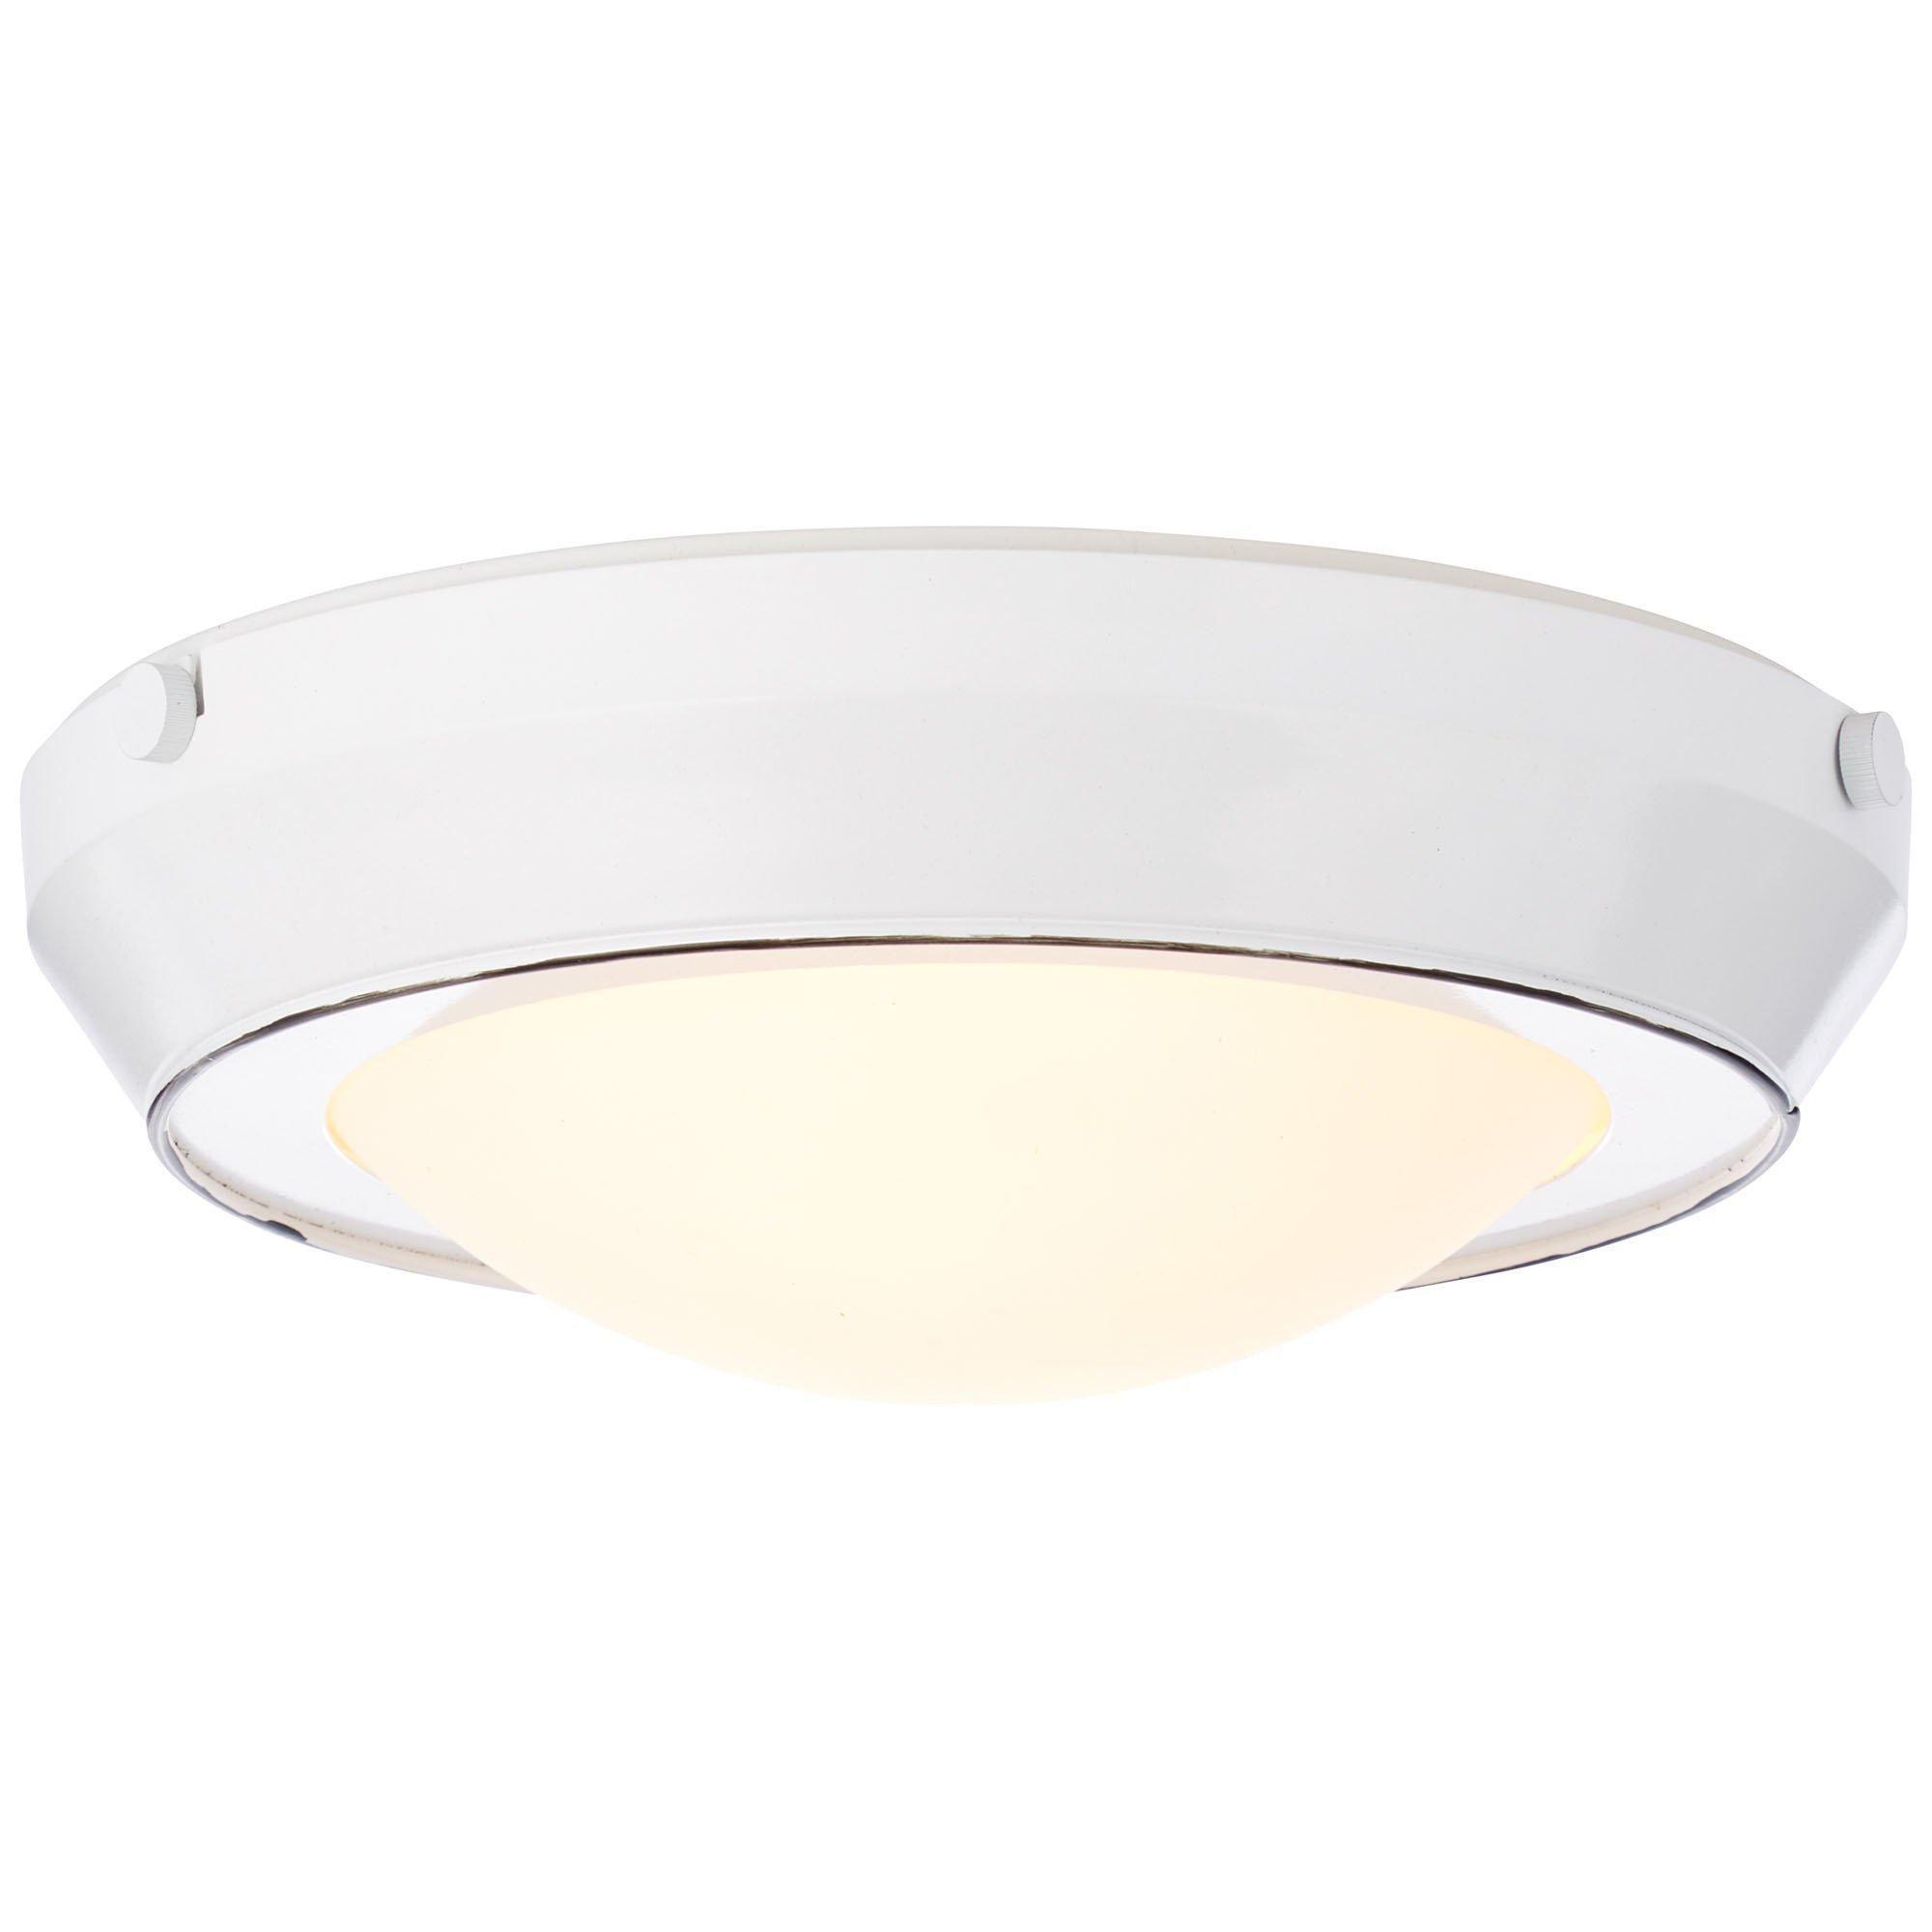 Deckenleuchten Gunstig Auf Rechnung Indirekte Beleuchtung Led Ideen Wohnzimmerlamp Indirekte Beleuchtung Led Deckenleuchten Deckenleuchte Mit Fernbedienung